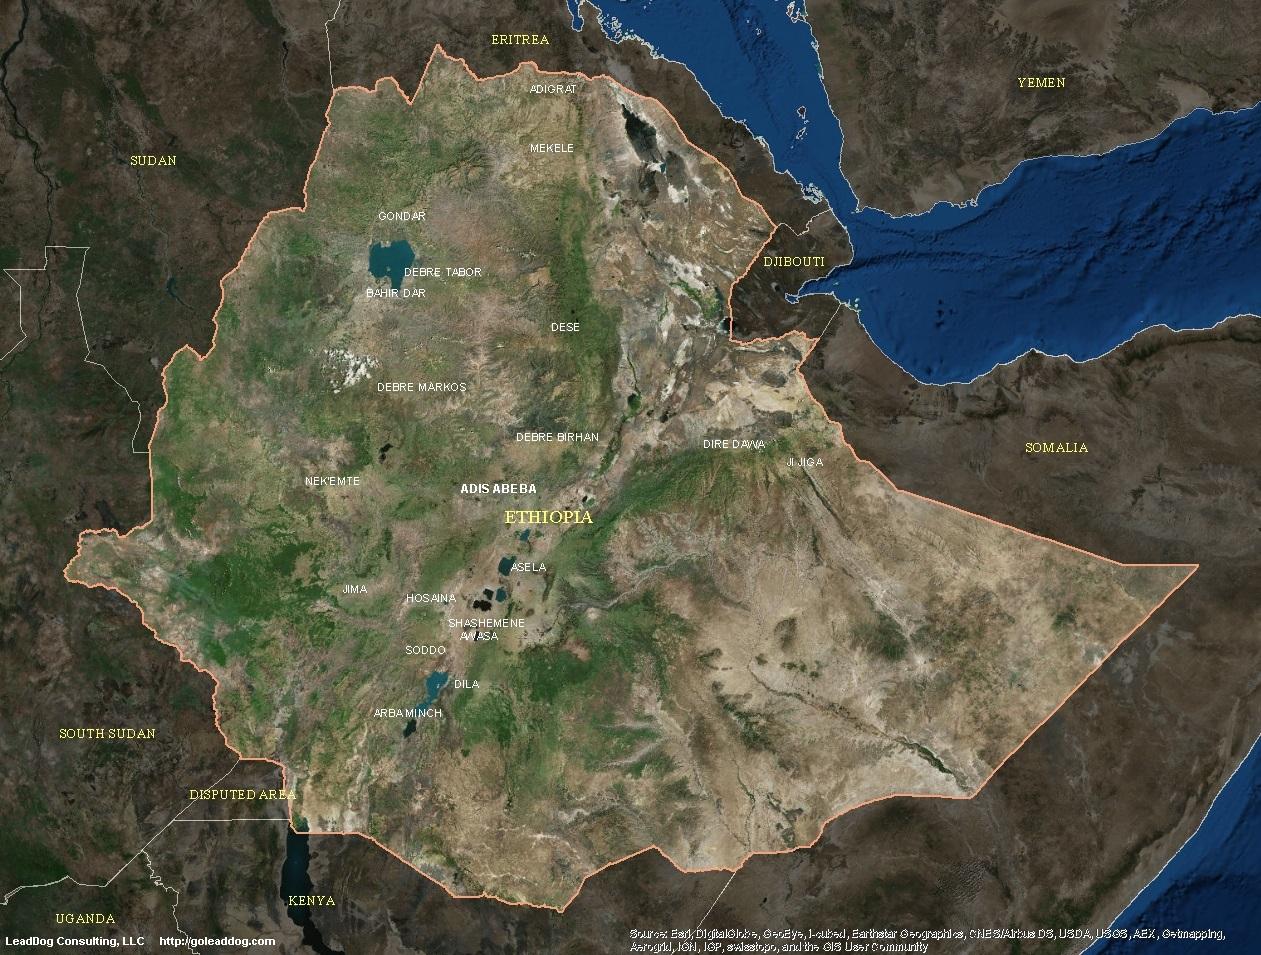 Ethiopia Satellite Maps | LeadDog Consulting on capital of ethiopia, afar region ethiopia, elevation of ethiopia, national flag of ethiopia, awash ethiopia, native animal in ethiopia, flora of ethiopia, satellite map kenya, village of ethiopia, city of ethiopia, road map ethiopia, gojjam ethiopia, geographic features of ethiopia, king of ethiopia, food of ethiopia, coordinates of ethiopia, aerial view of ethiopia, sodo ethiopia, nazret ethiopia,